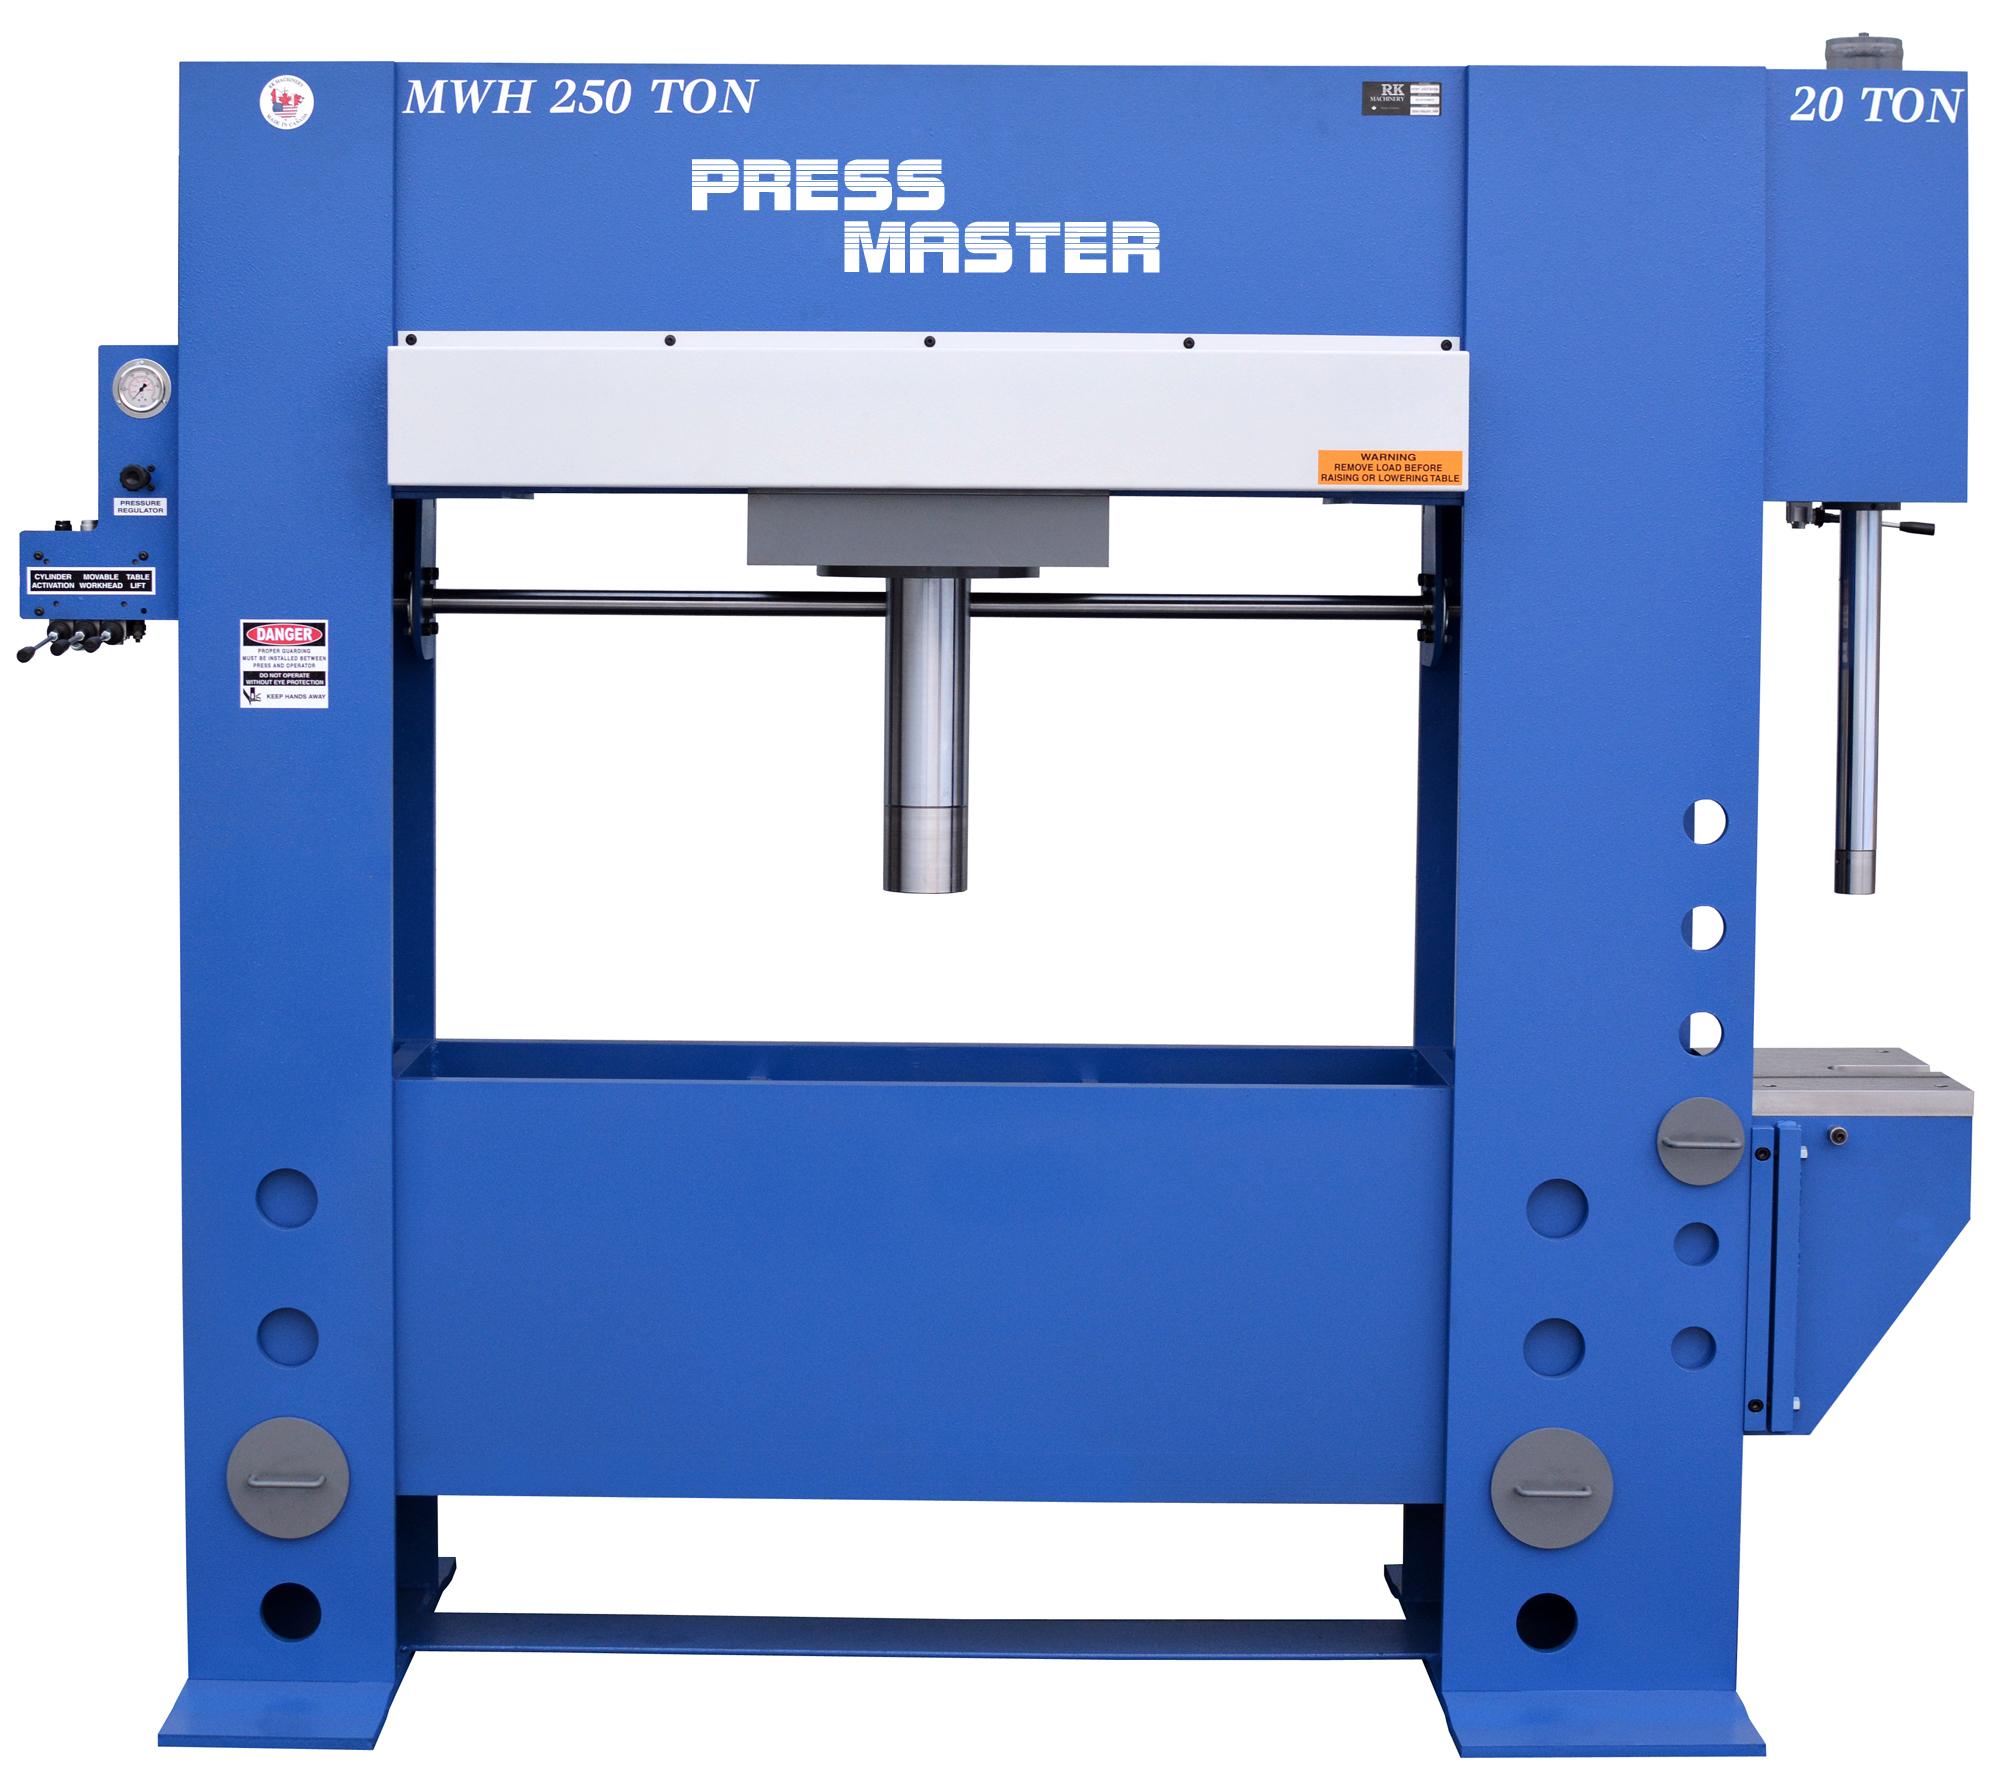 Nett 6 Ton A Rahmen Bench Shop Presse Fotos - Benutzerdefinierte ...